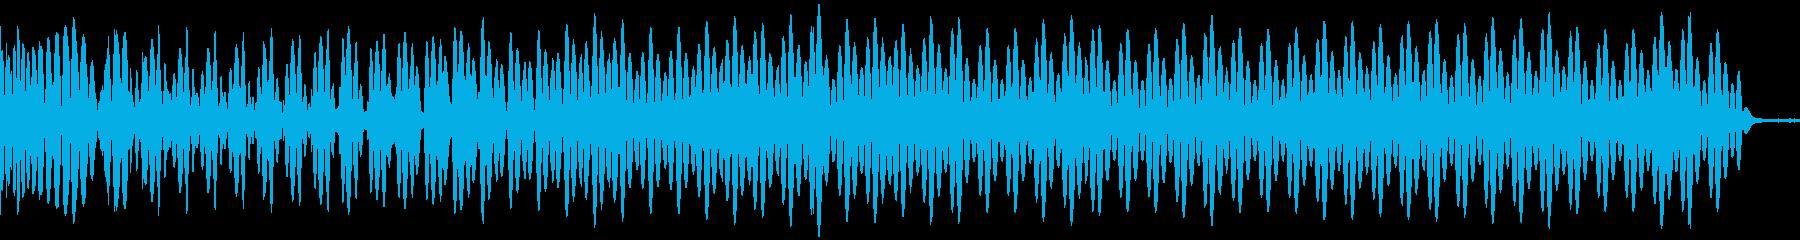 ロボ音とダークなキック音の再生済みの波形